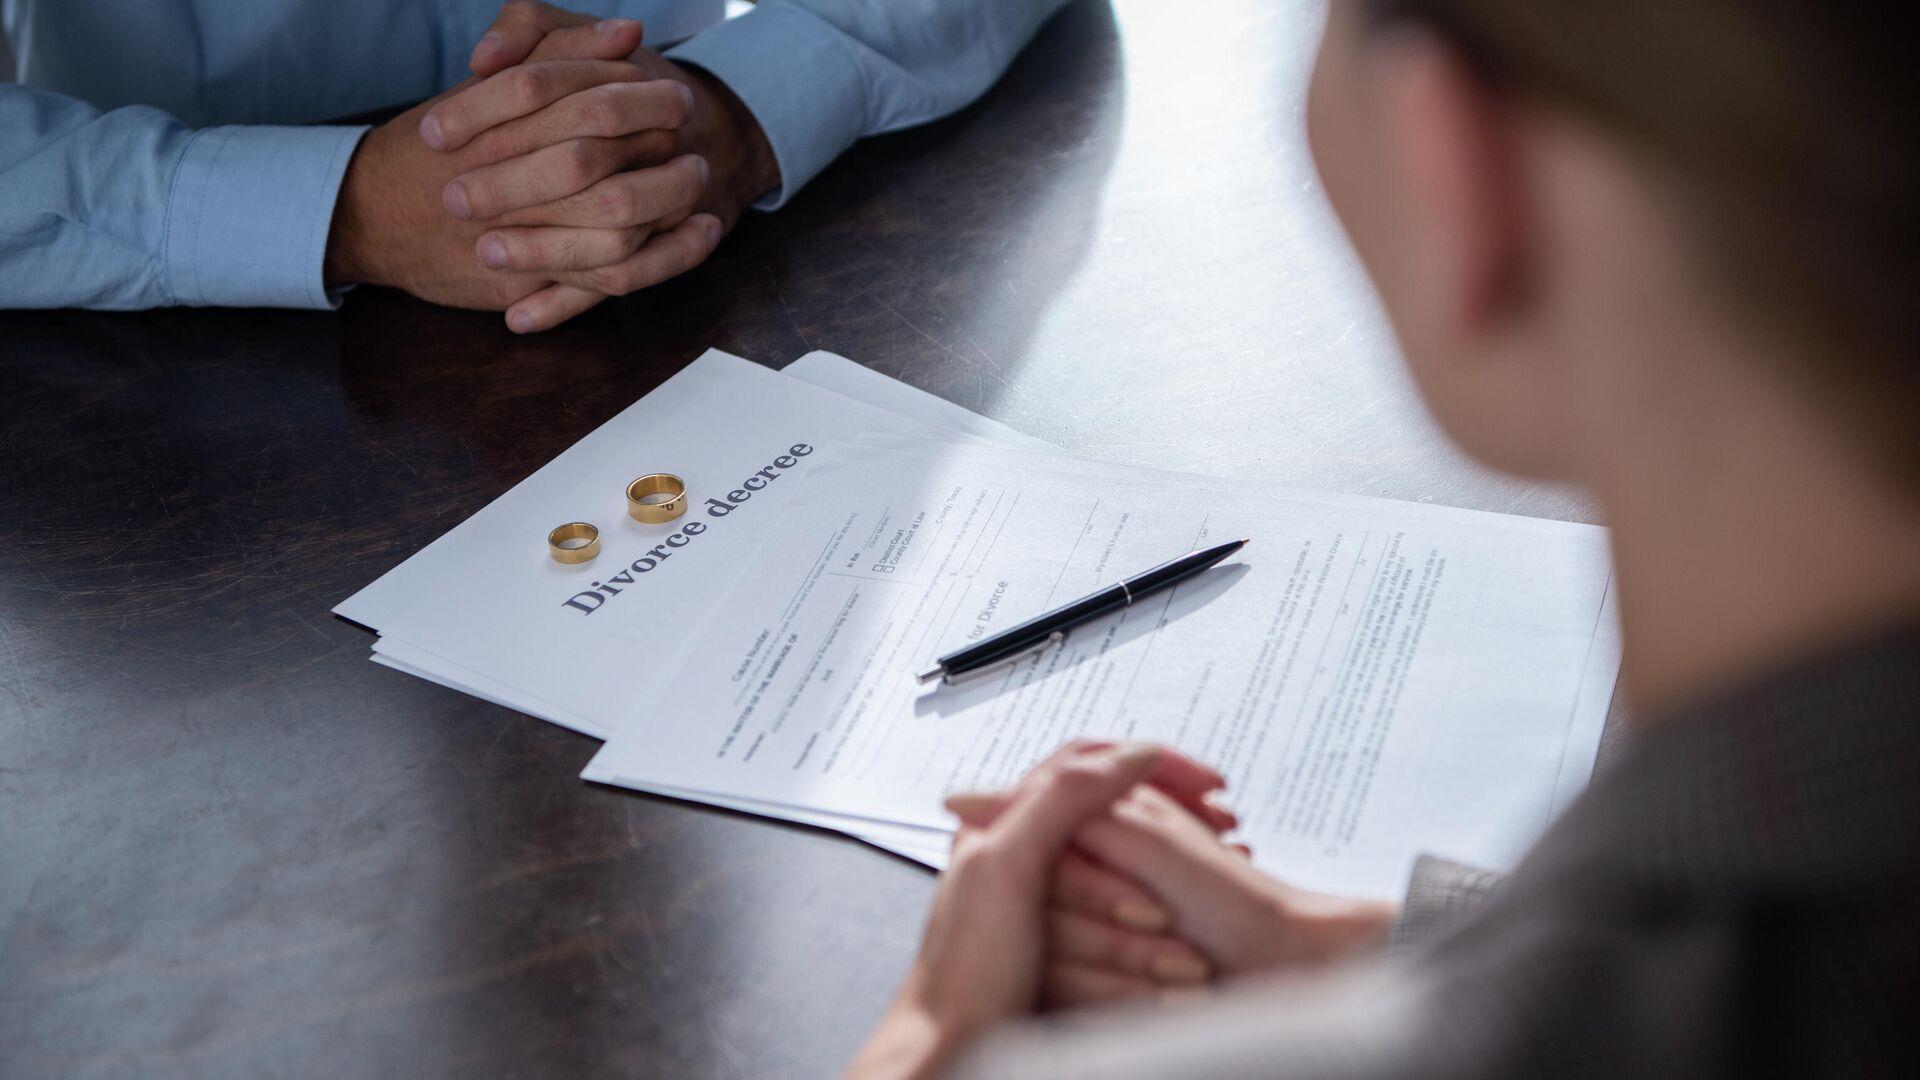 Пара оформляет документы на развод - РИА Новости, 1920, 08.07.2020